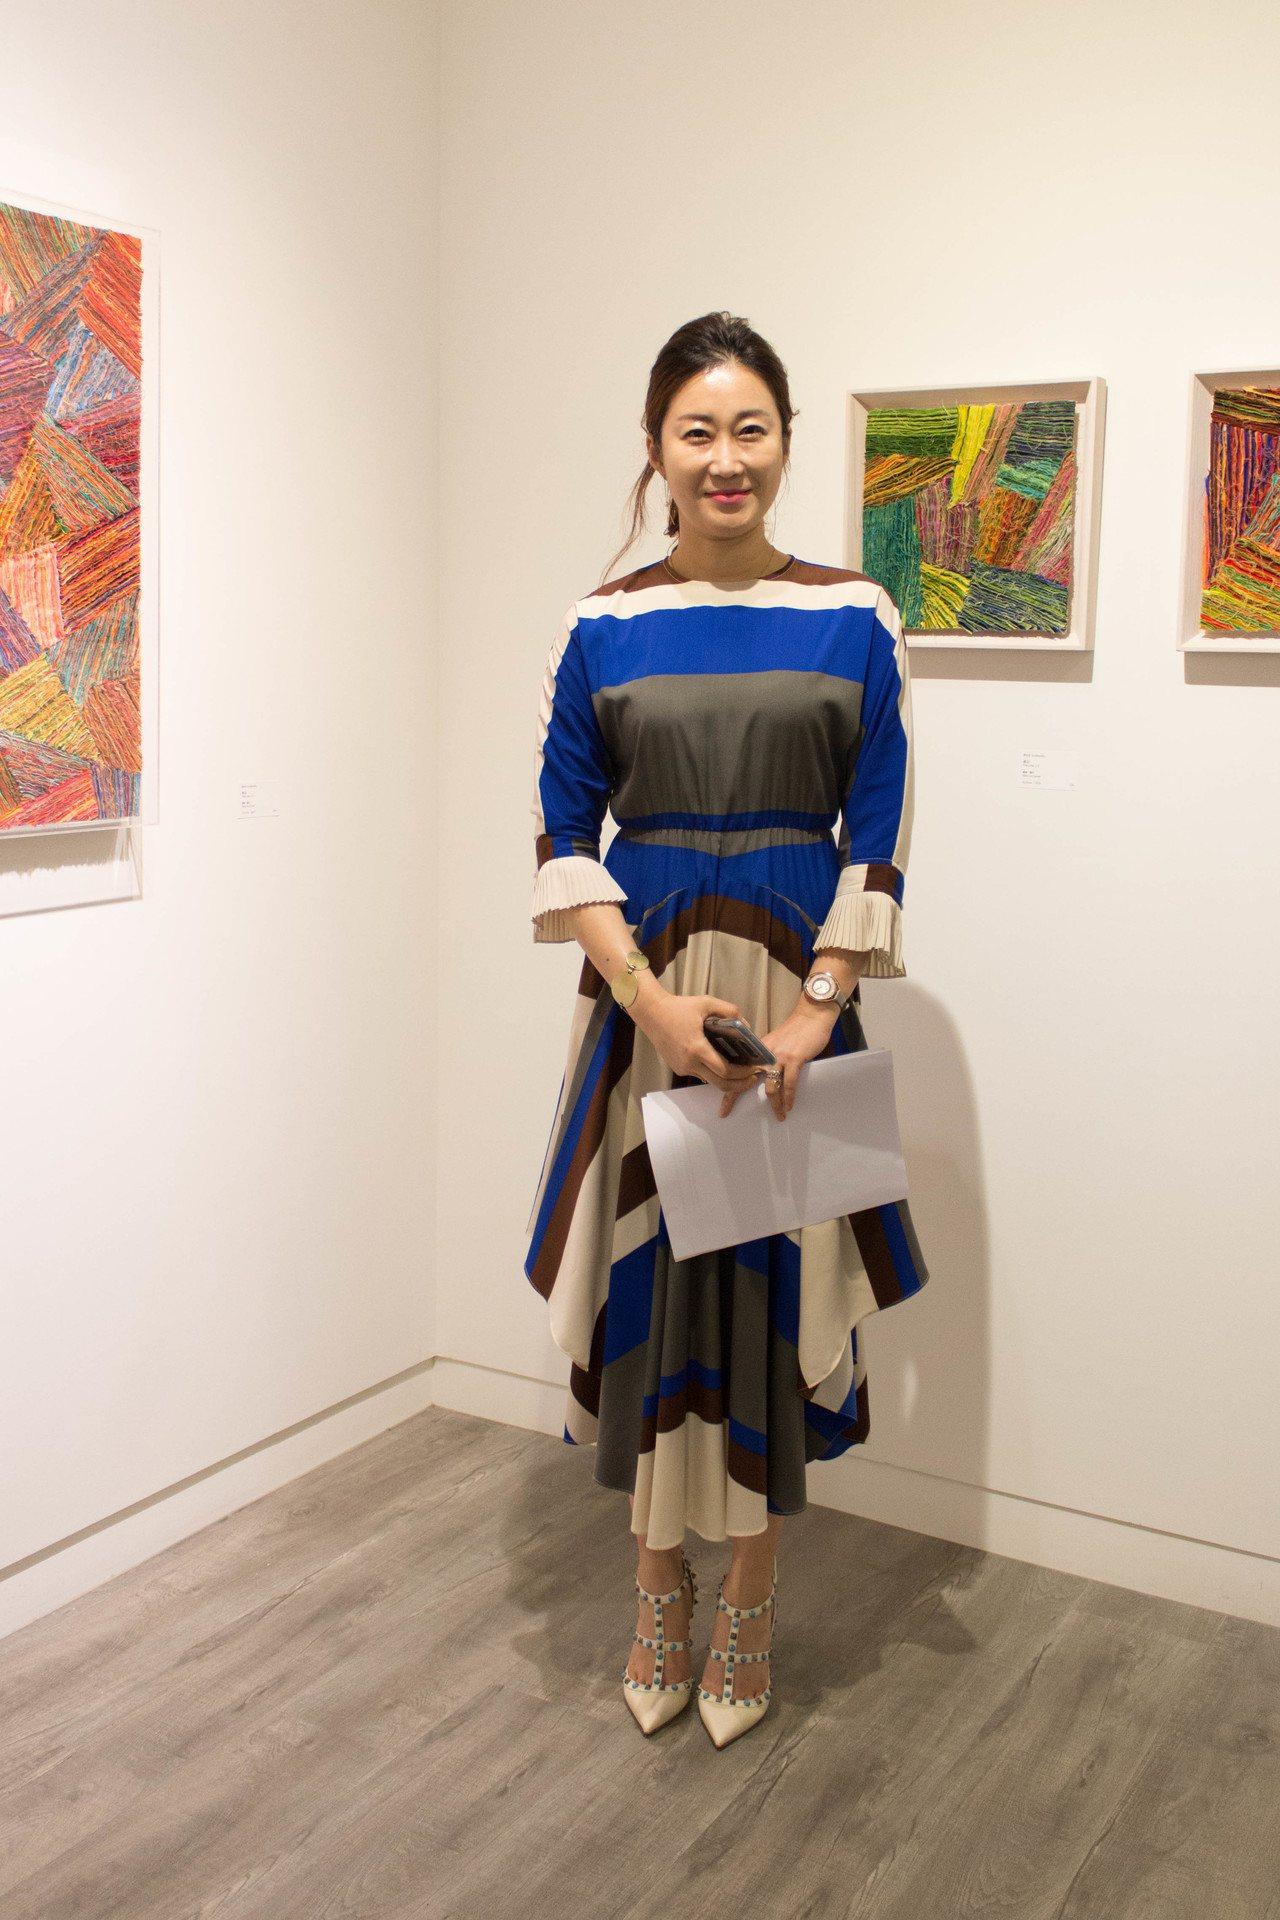 南韓織品藝術家具祉良。圖/非池中藝術網攝。